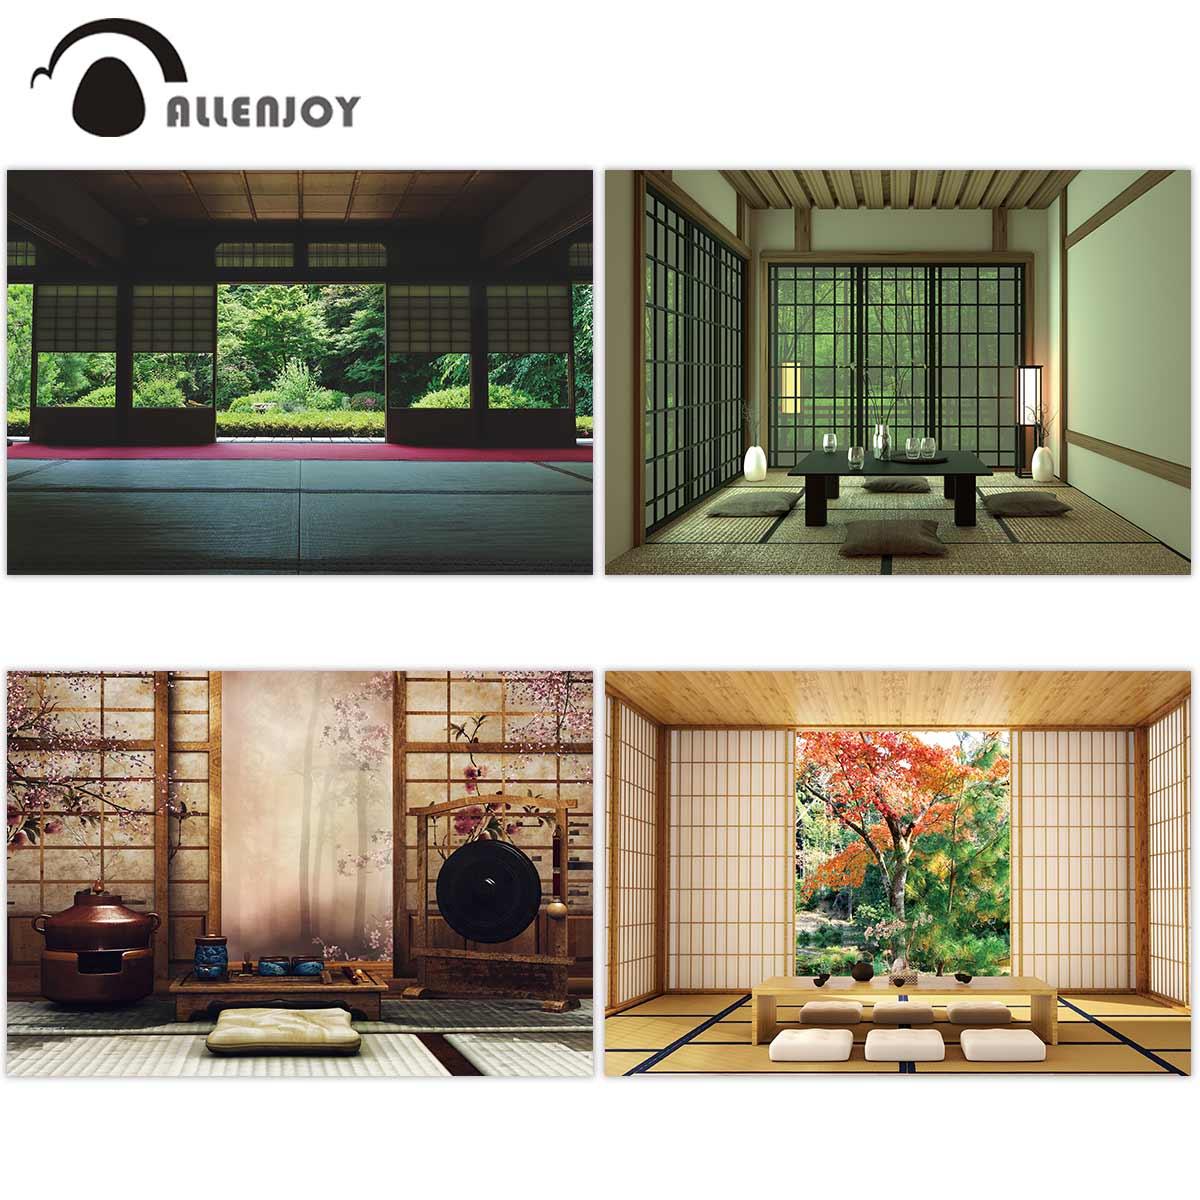 Фон для фотосъемки Allenjoy в японском стиле с изображением пейзажа окна двери комнаты современный стол для гостиной 3d фото студия декор стен